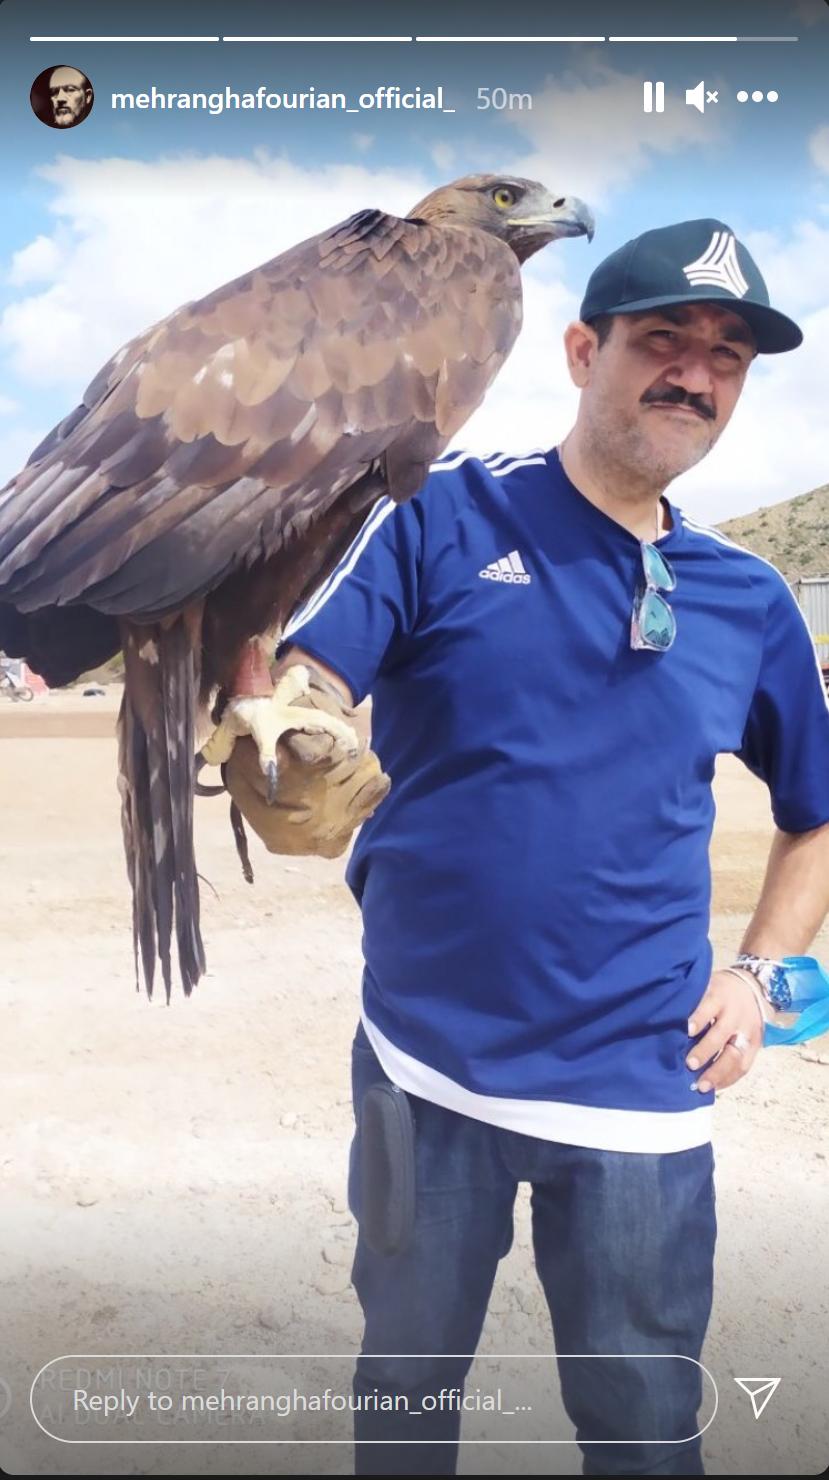 عکس عجیب و غریب مهران غفوریان با عقاب غول پیکر